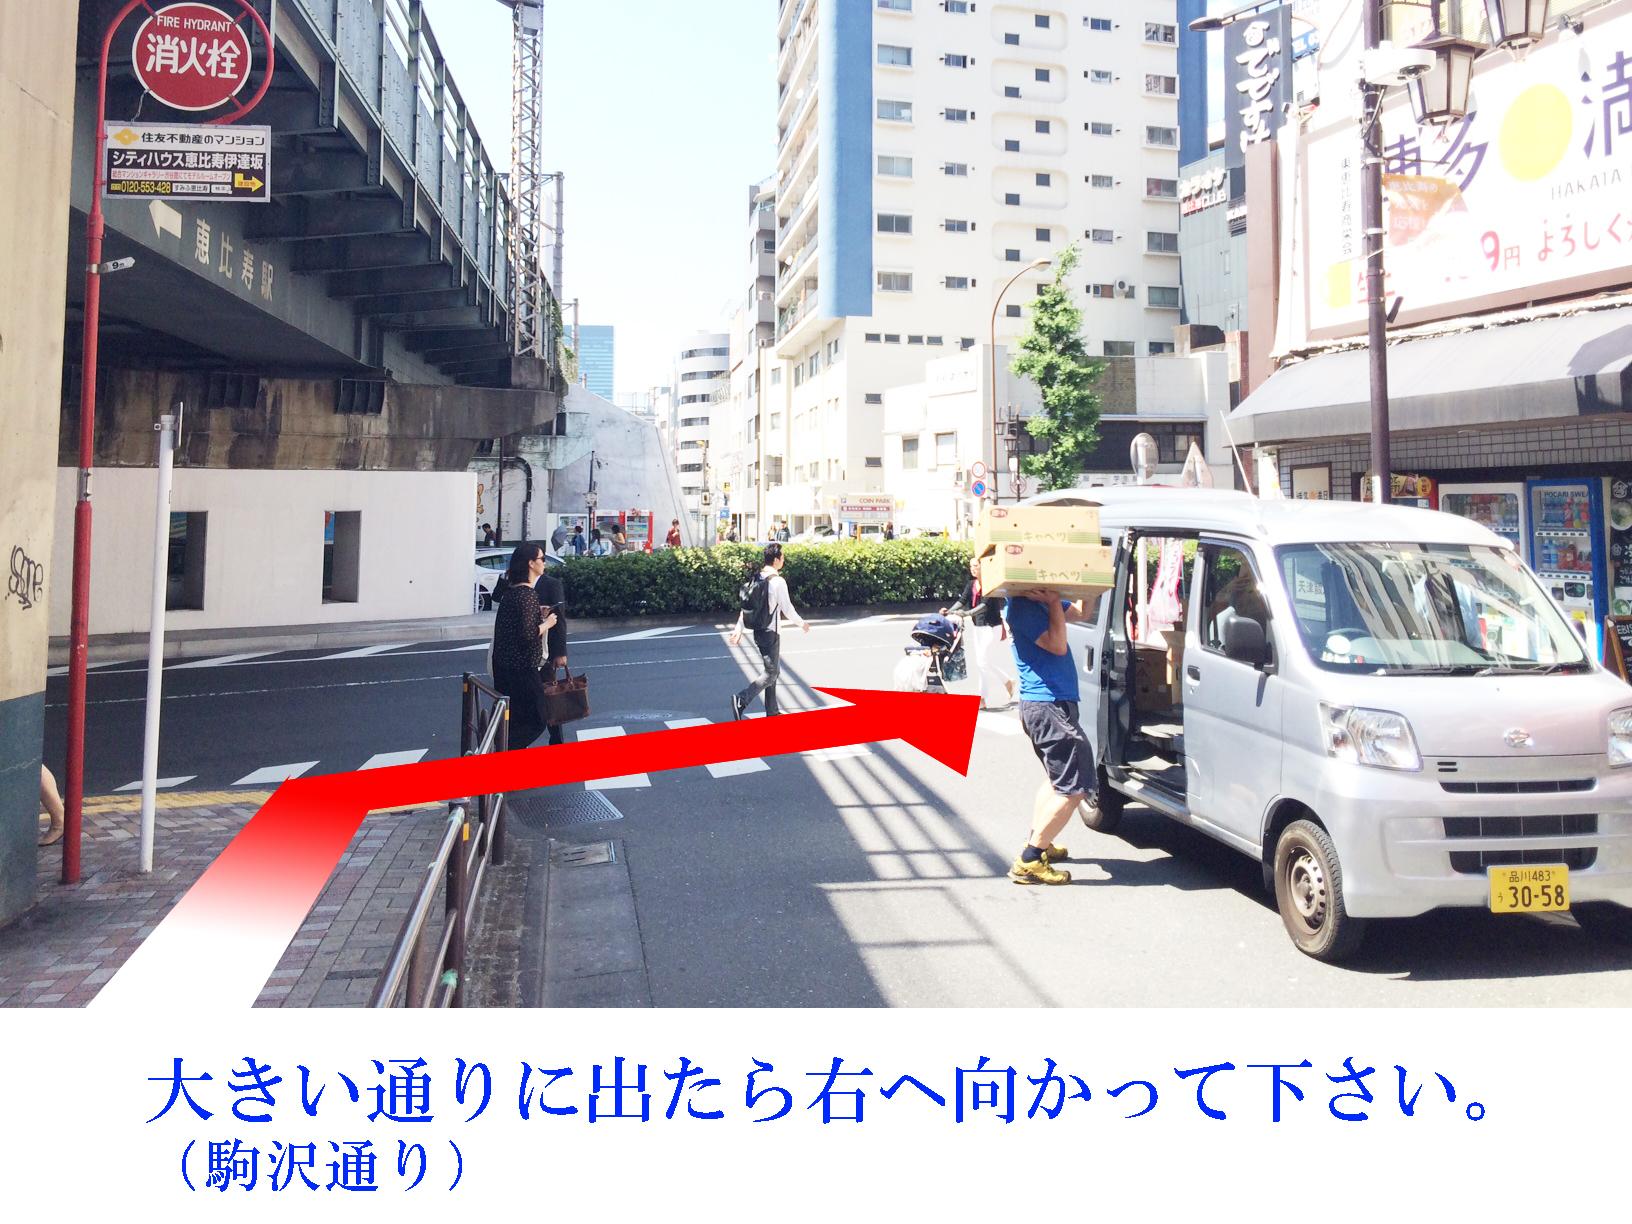 大きい通り(駒沢通り)に出たら右に向かいます。